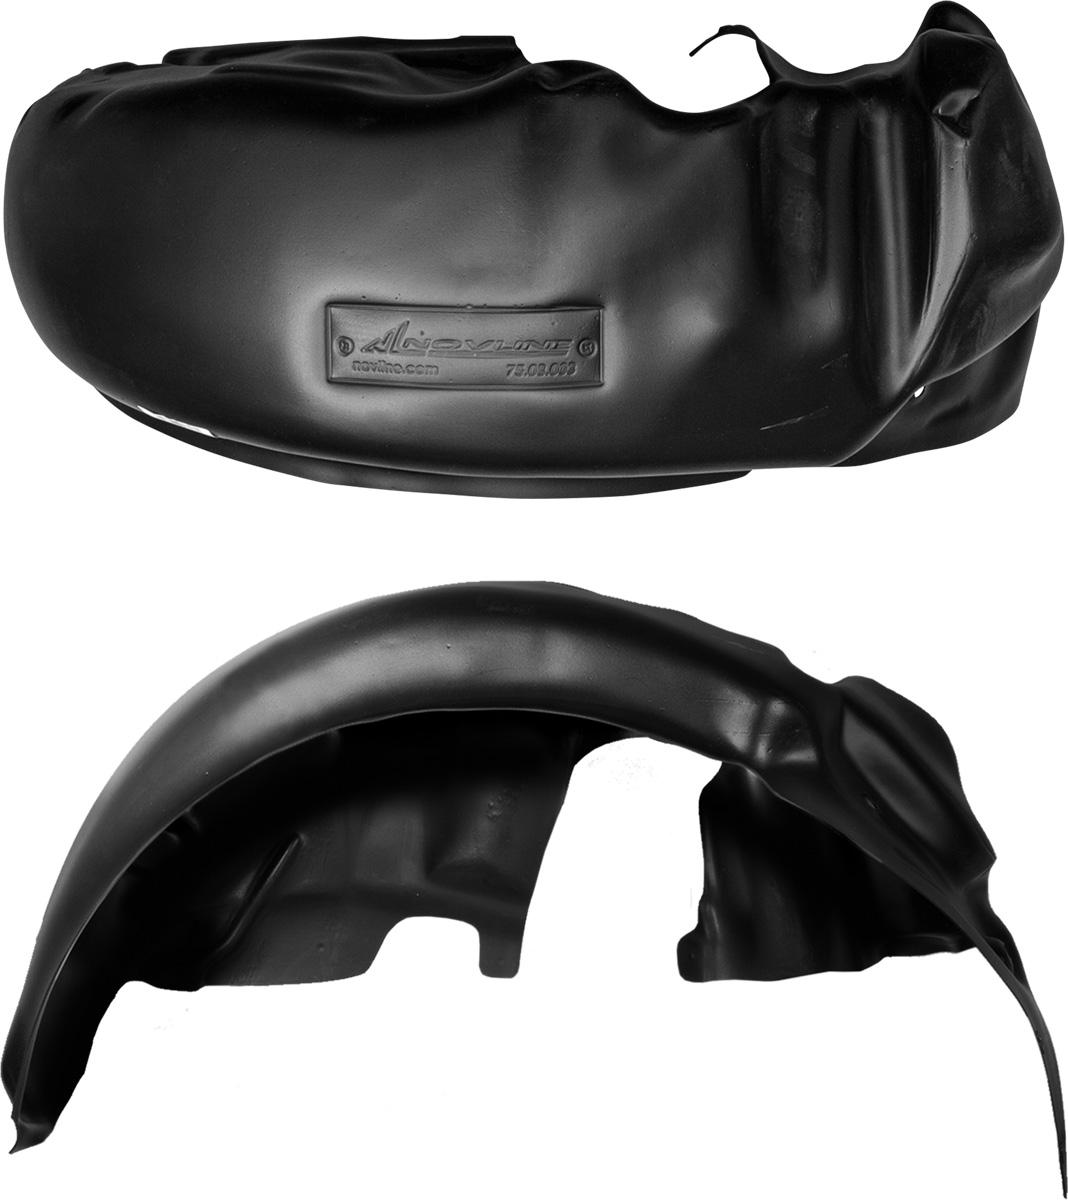 Подкрылок Novline-Autofamily, для Hyundai Solaris, 2010-2014, седан, задний правыйNLL.20.41.004Колесные ниши - одни из самых уязвимых зон днища вашего автомобиля. Они постоянно подвергаются воздействию со стороны дороги. Лучшая, почти абсолютная защита для них - специально отформованные пластиковые кожухи, которые называются подкрылками. Производятся они как для отечественных моделей автомобилей, так и для иномарок. Подкрылки Novline-Autofamily выполнены из высококачественного, экологически чистого пластика. Обеспечивают надежную защиту кузова автомобиля от пескоструйного эффекта и негативного влияния, агрессивных антигололедных реагентов. Пластик обладает более низкой теплопроводностью, чем металл, поэтому в зимний период эксплуатации использование пластиковых подкрылков позволяет лучше защитить колесные ниши от налипания снега и образования наледи. Оригинальность конструкции подчеркивает элегантность автомобиля, бережно защищает нанесенное на днище кузова антикоррозийное покрытие и позволяет осуществить крепление подкрылков внутри колесной арки практически без дополнительного крепежа и сверления, не нарушая при этом лакокрасочного покрытия, что предотвращает возникновение новых очагов коррозии. Подкрылки долговечны, обладают высокой прочностью и сохраняют заданную форму, а также все свои физико-механические характеристики в самых тяжелых климатических условиях (от -50°С до +50°С).Уважаемые клиенты!Обращаем ваше внимание, на тот факт, что подкрылок имеет форму, соответствующую модели данного автомобиля. Фото служит для визуального восприятия товара.